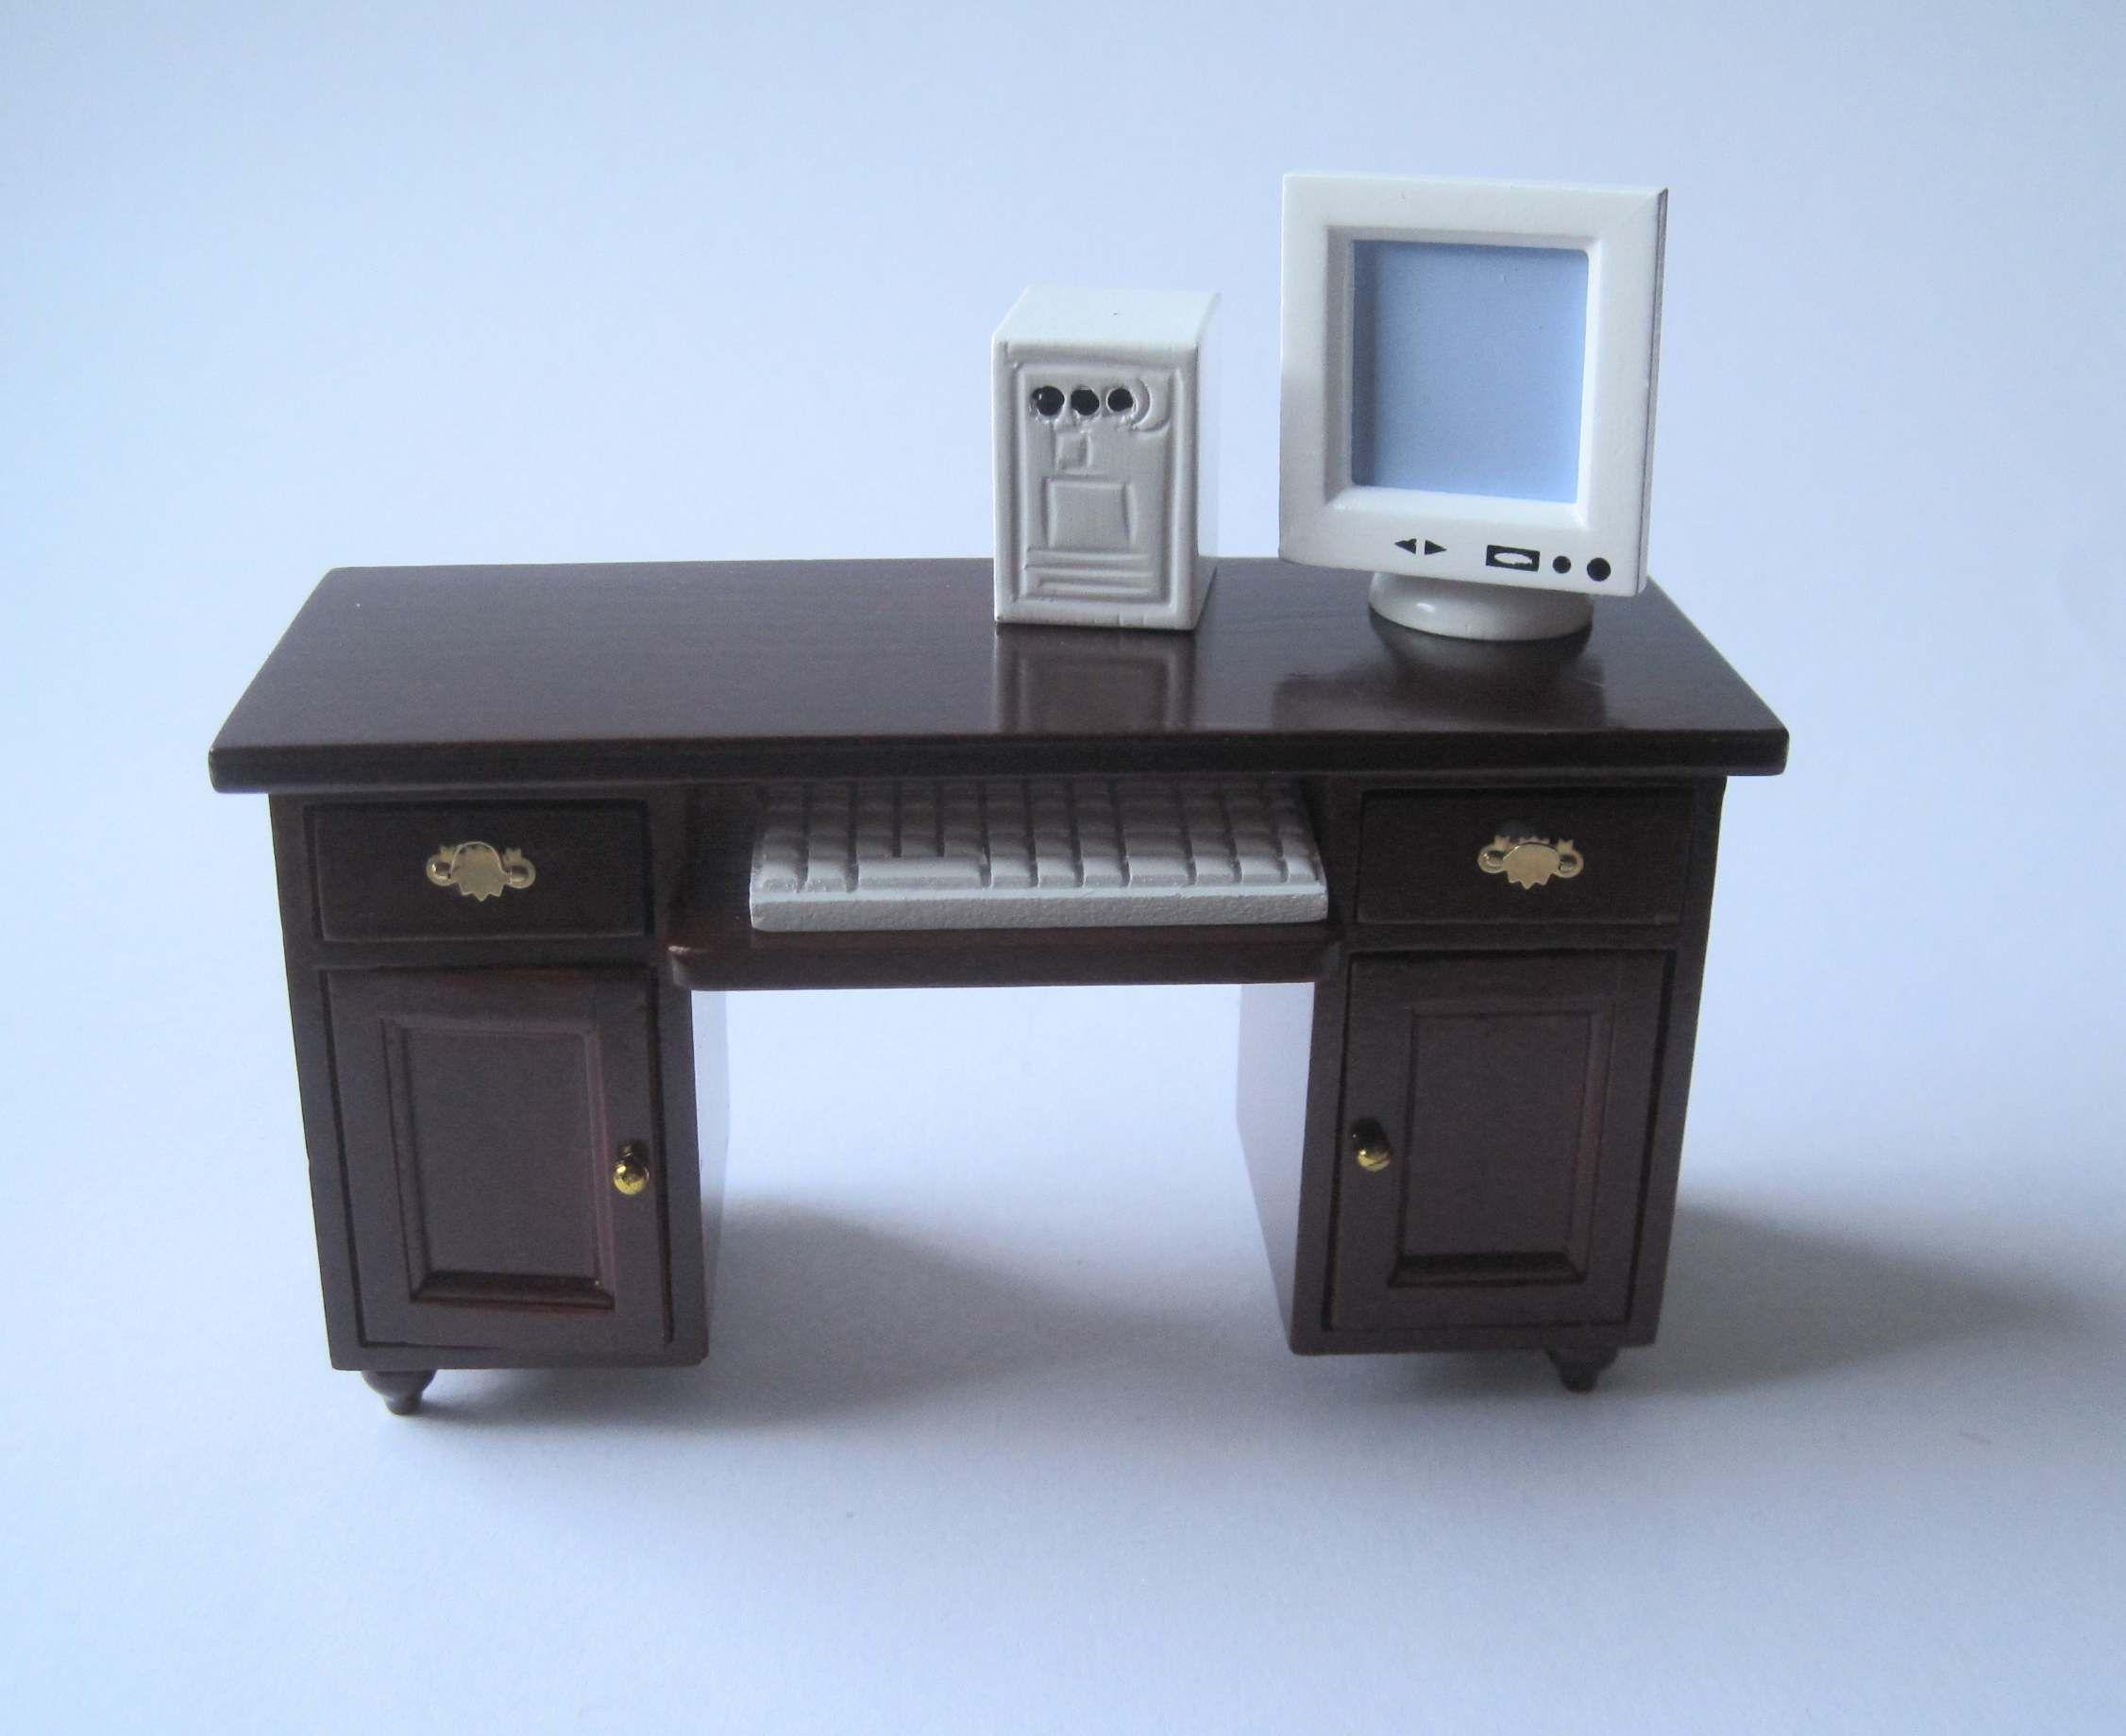 Schreibtisch Mit Computer PC Puppenhaus Möbel Wohnzimmer Miniatur 1:12